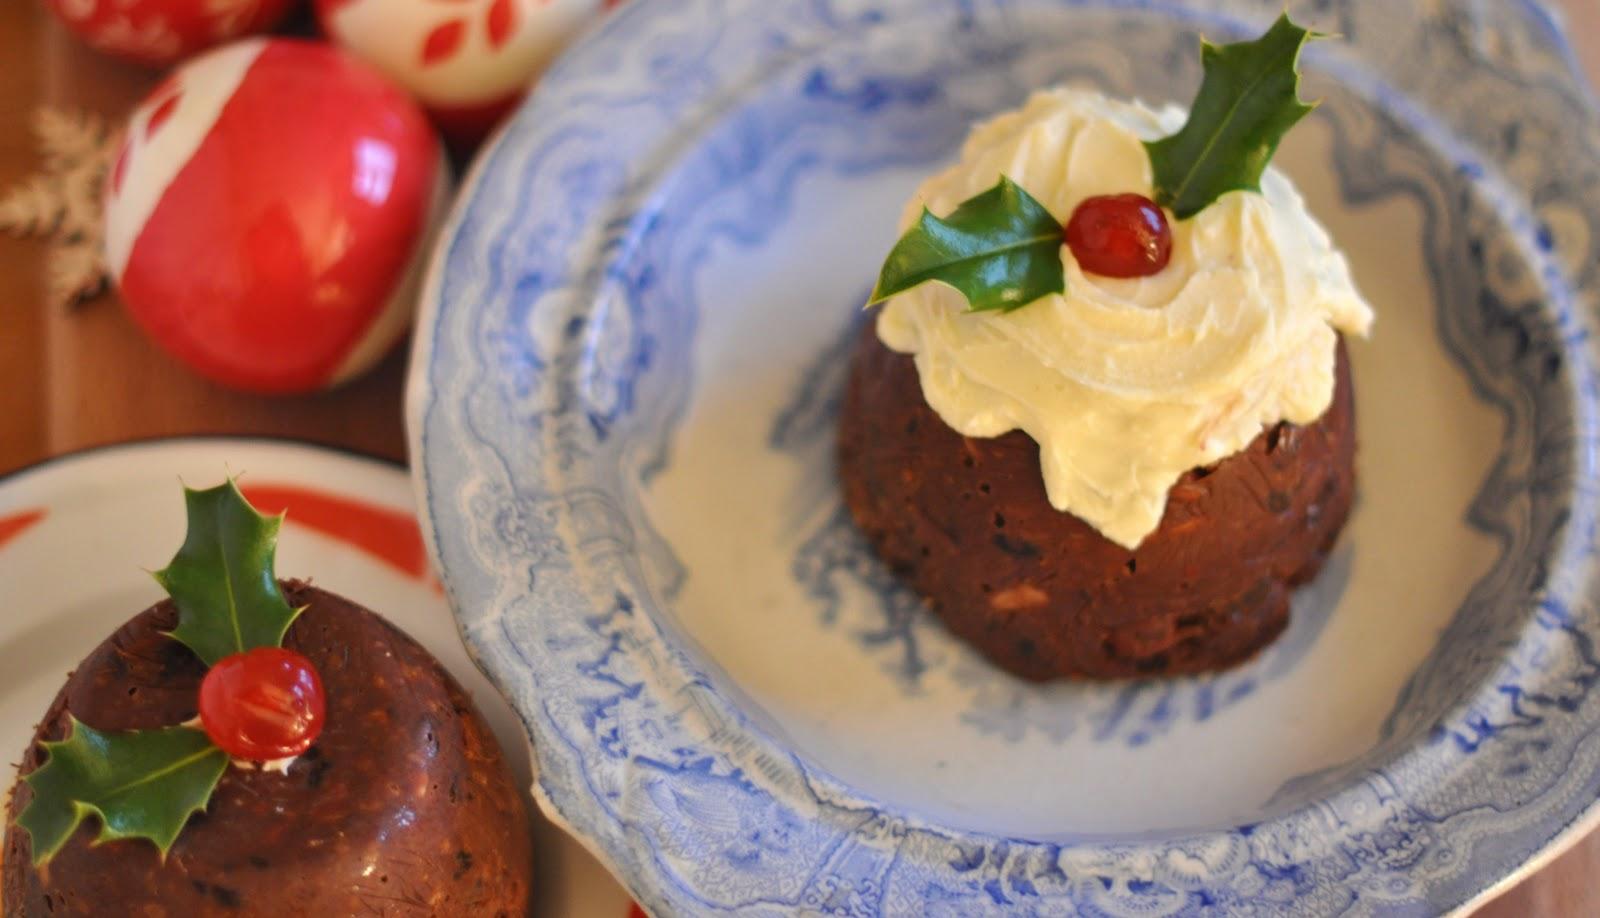 Chocolate Tiffin Christmas Puddings: Easy Edible Christmas Gifts ...